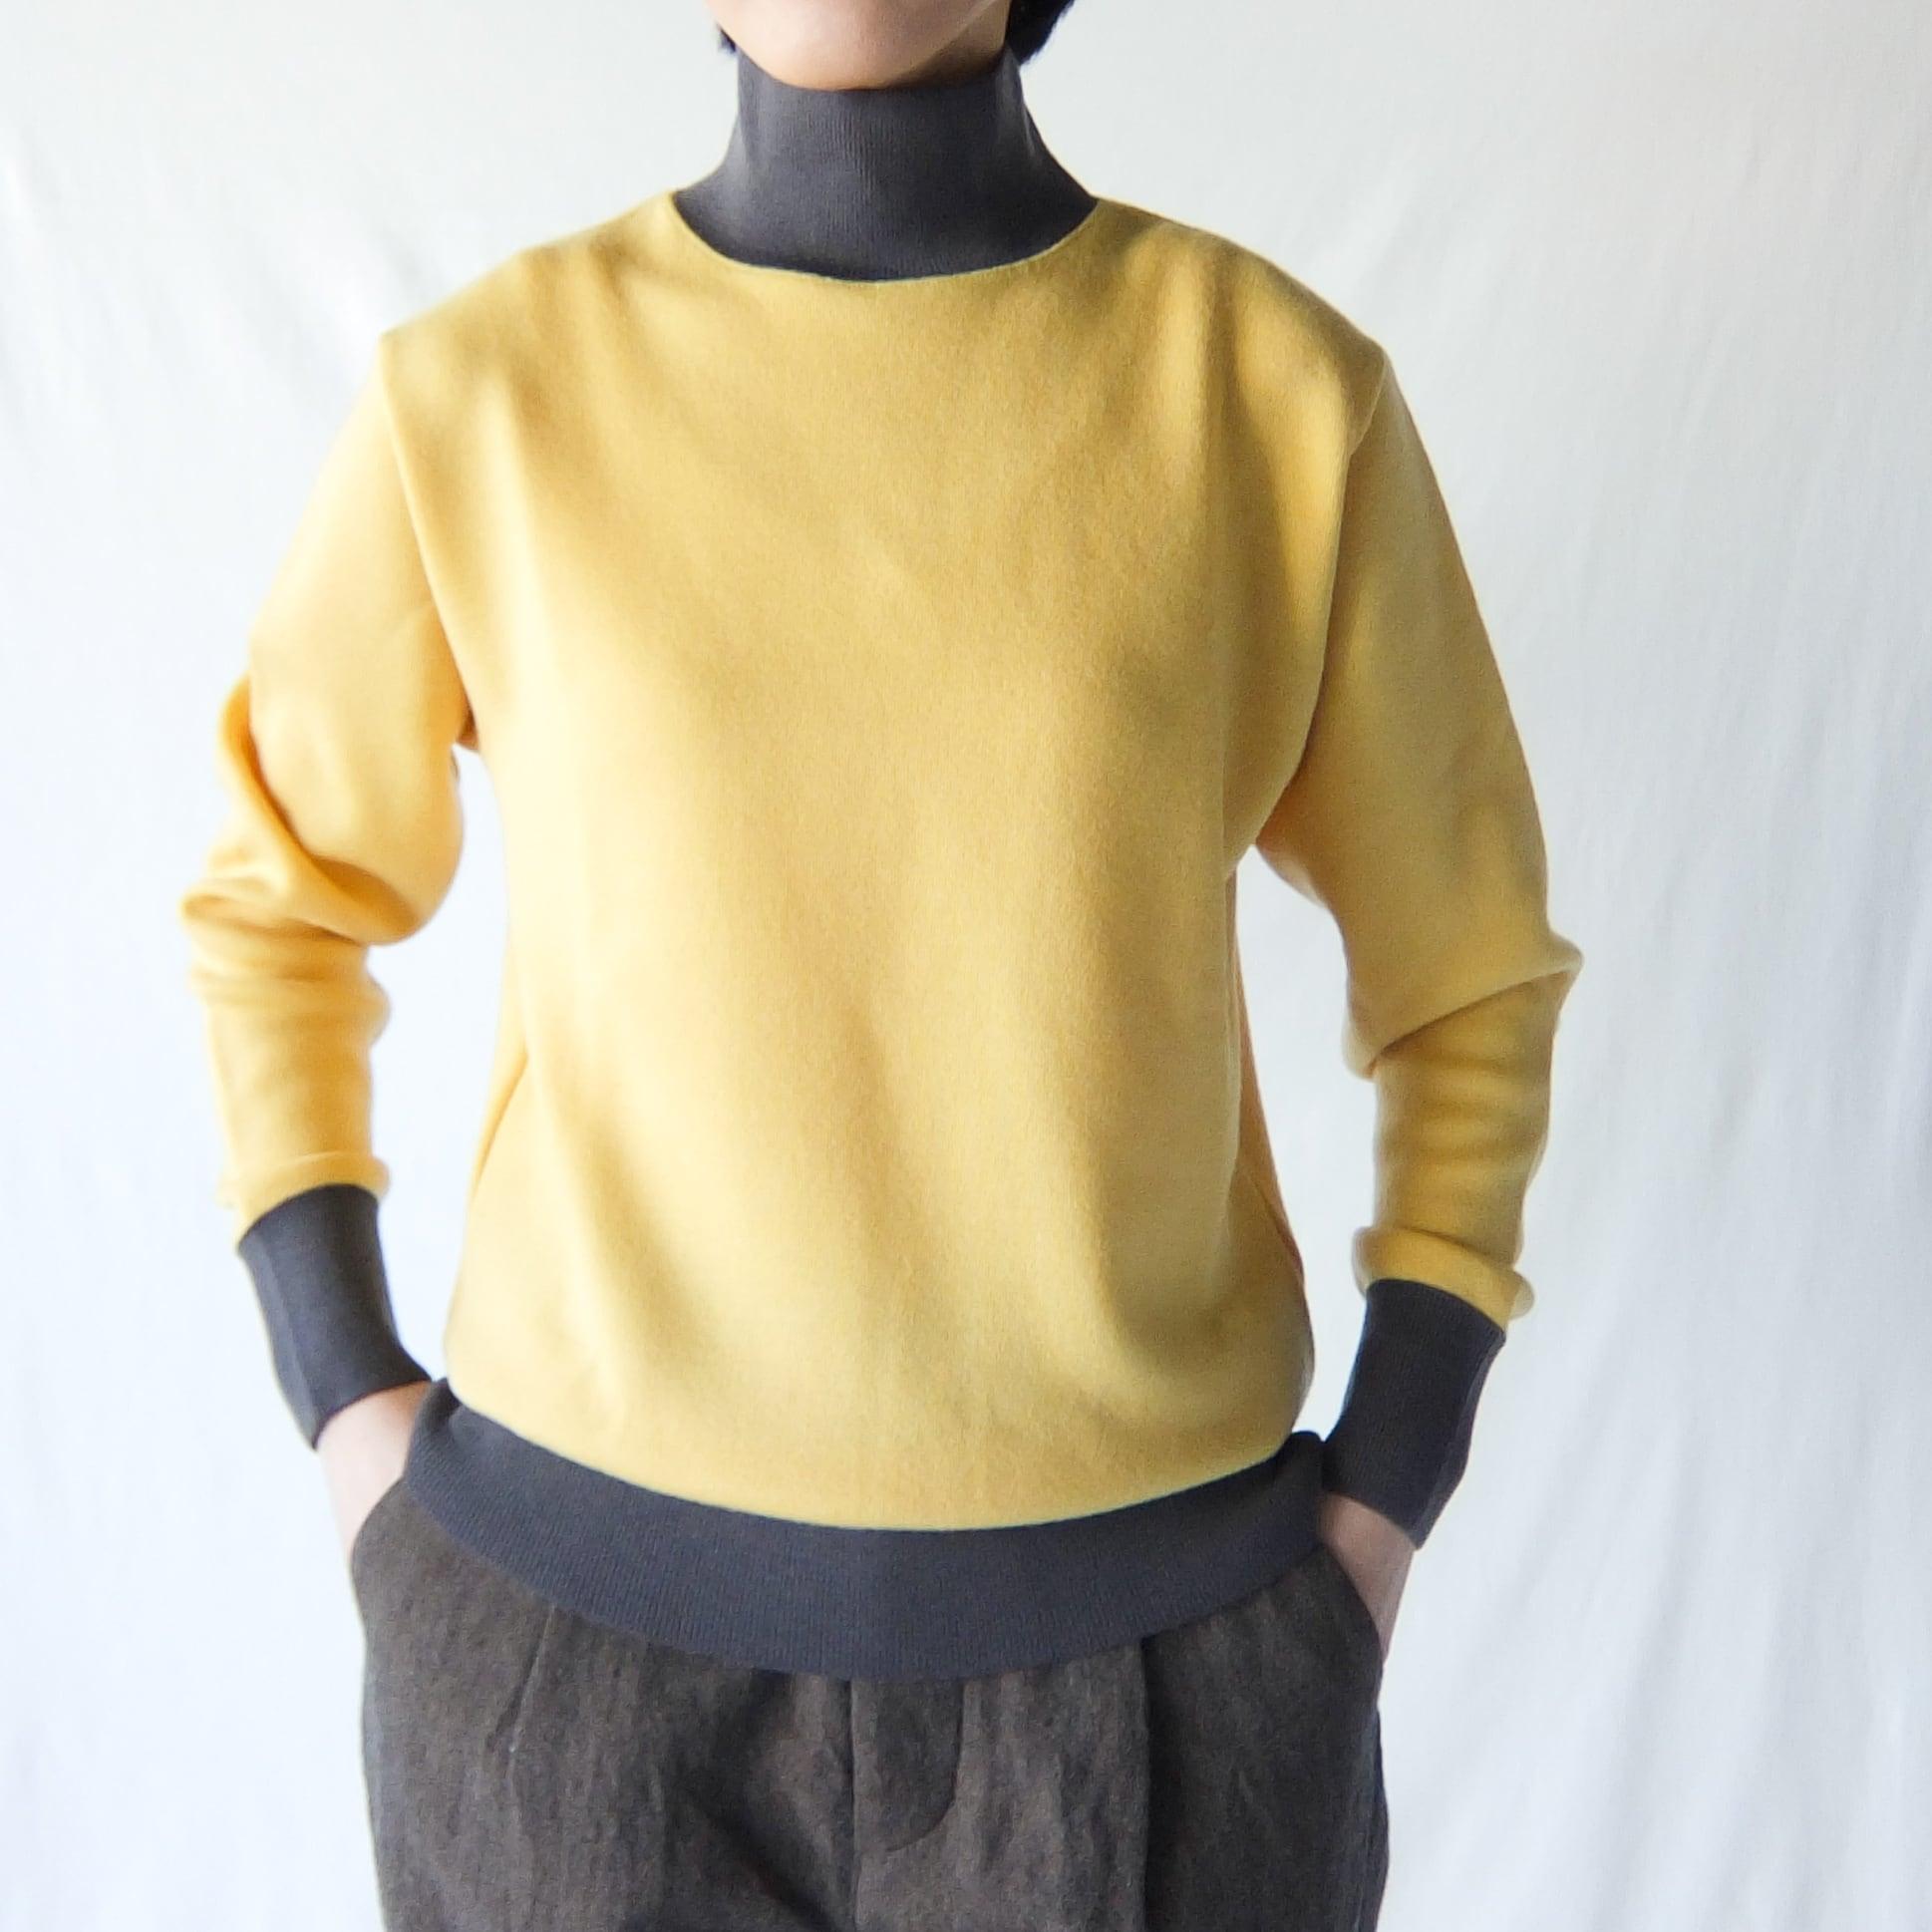 HAVERSACK - ウールスムース ハイネックセーター - Yellow × Charcoal